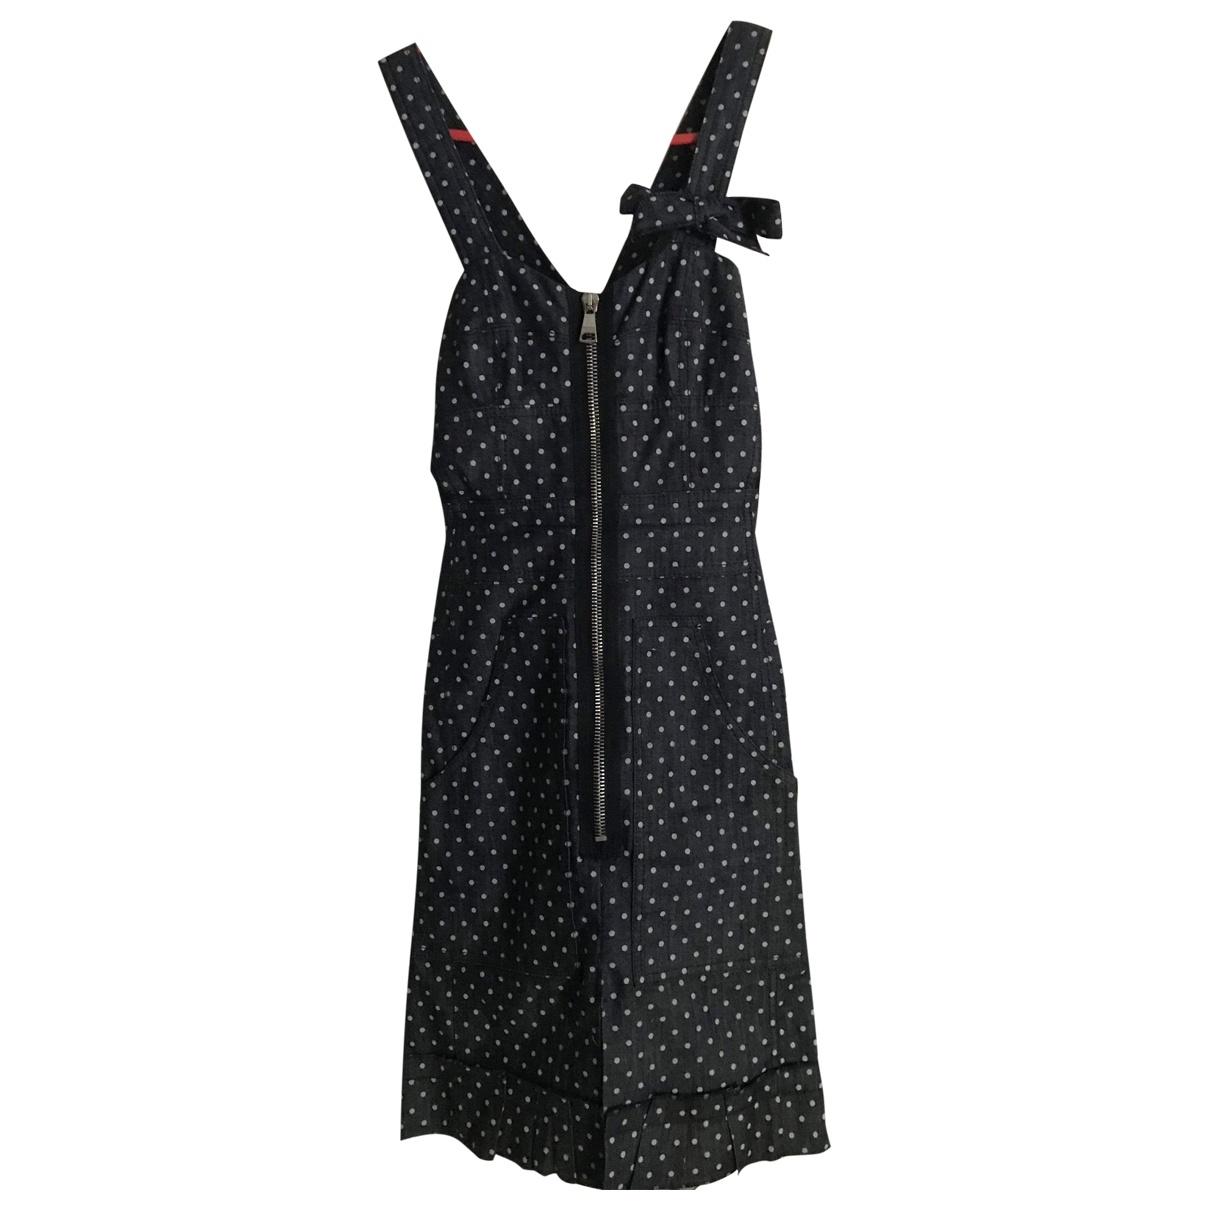 Sonia By Sonia Rykiel \N Blue Cotton - elasthane dress for Women 36 FR